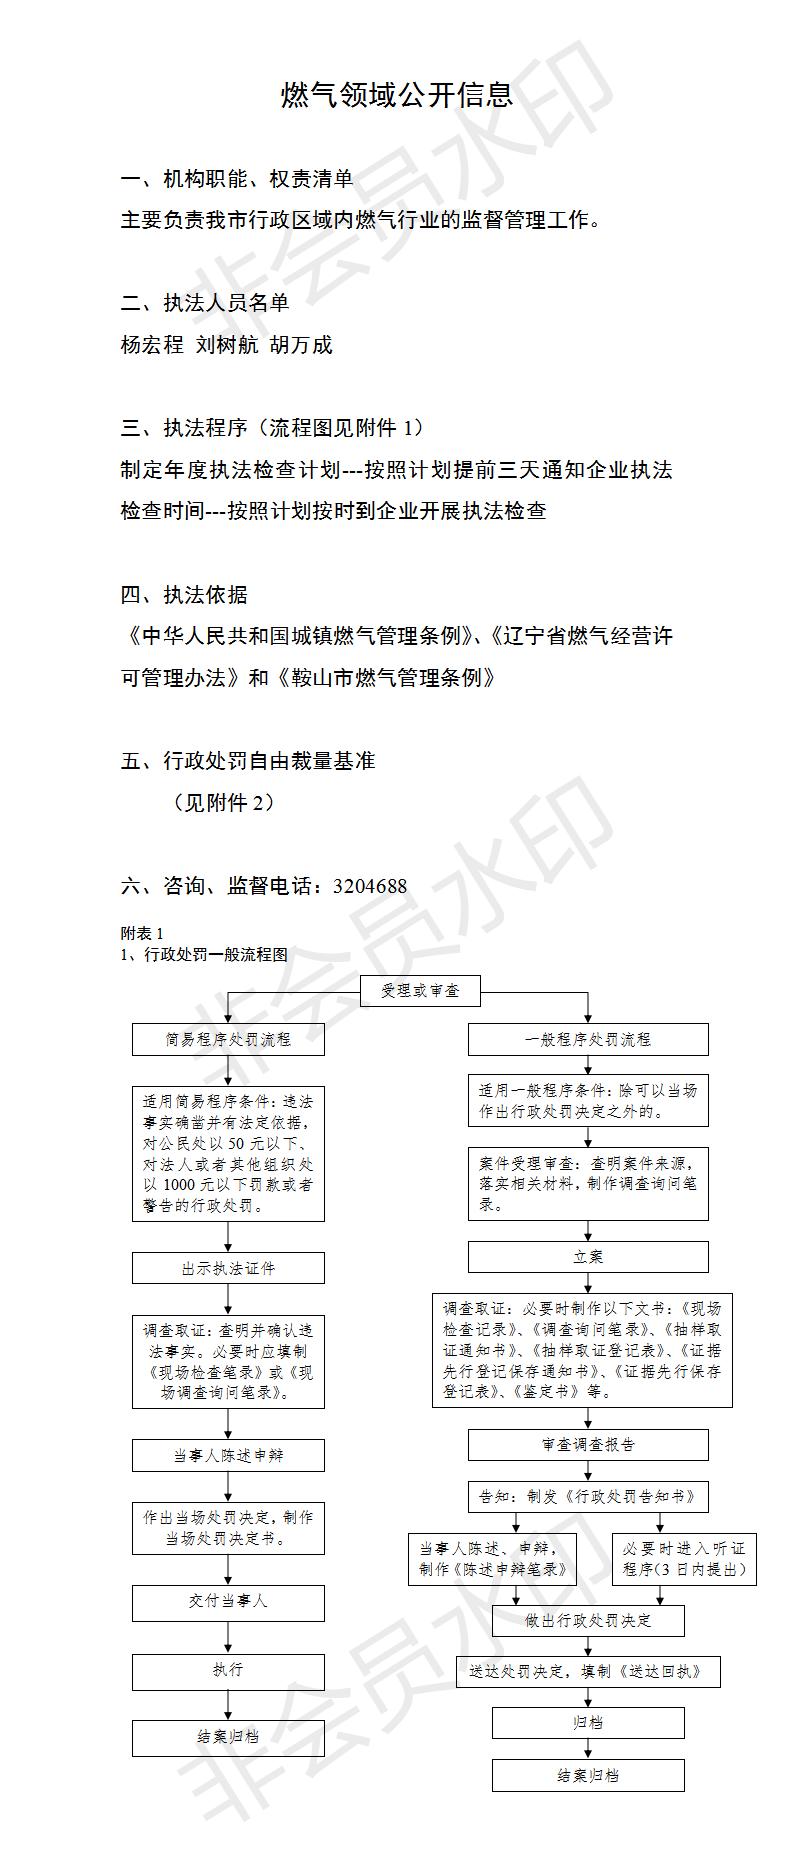 燃气领域信息1.png